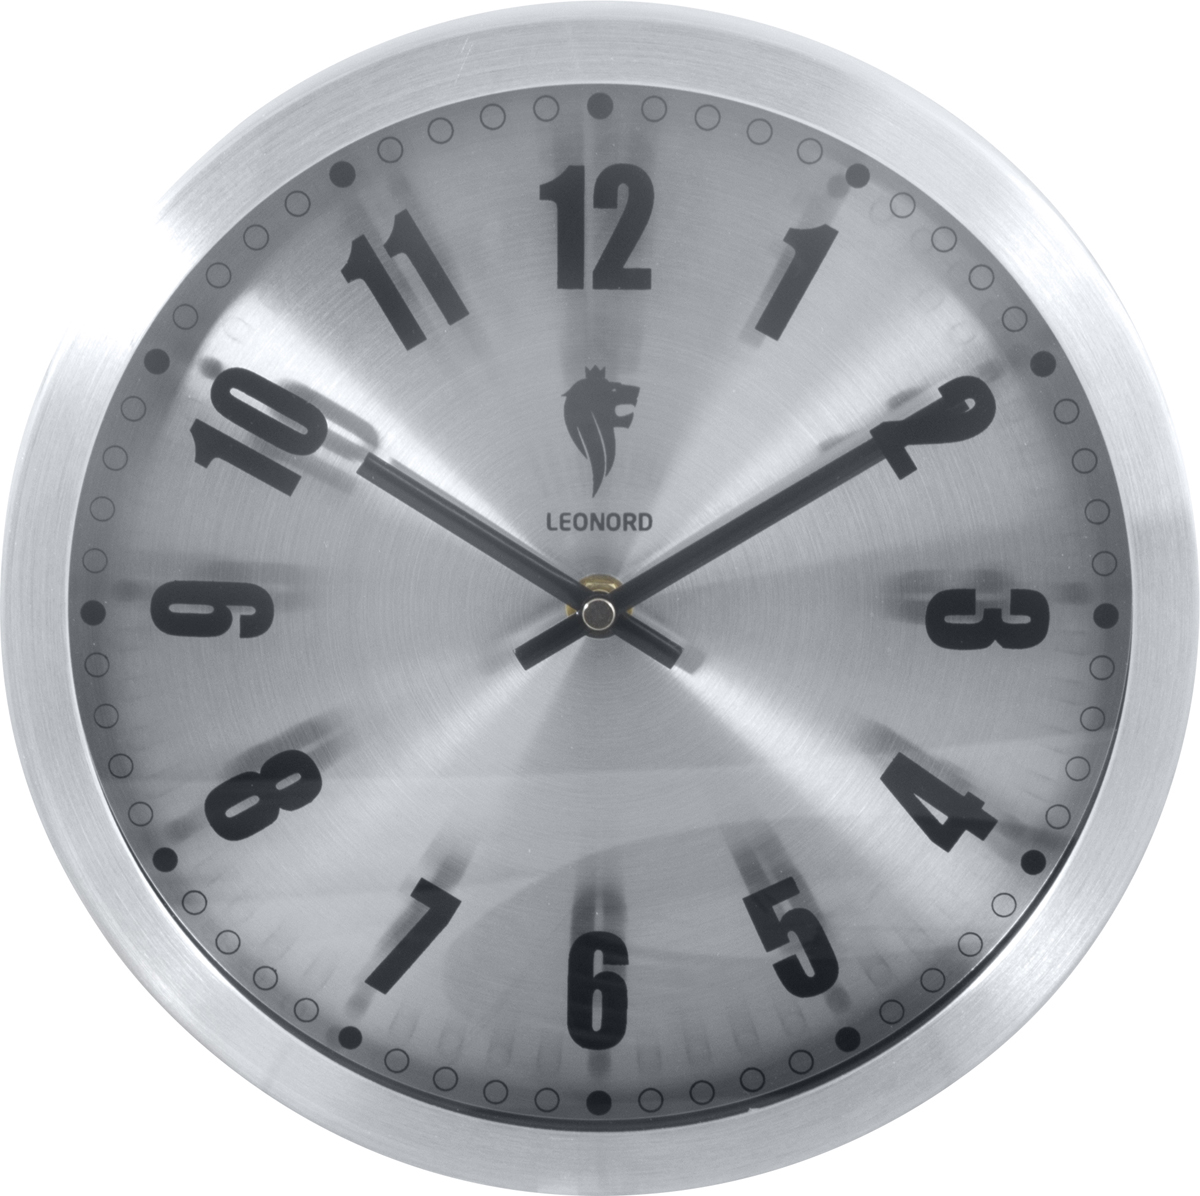 Настенные часы Leonord leonord lc 69 настенные часы